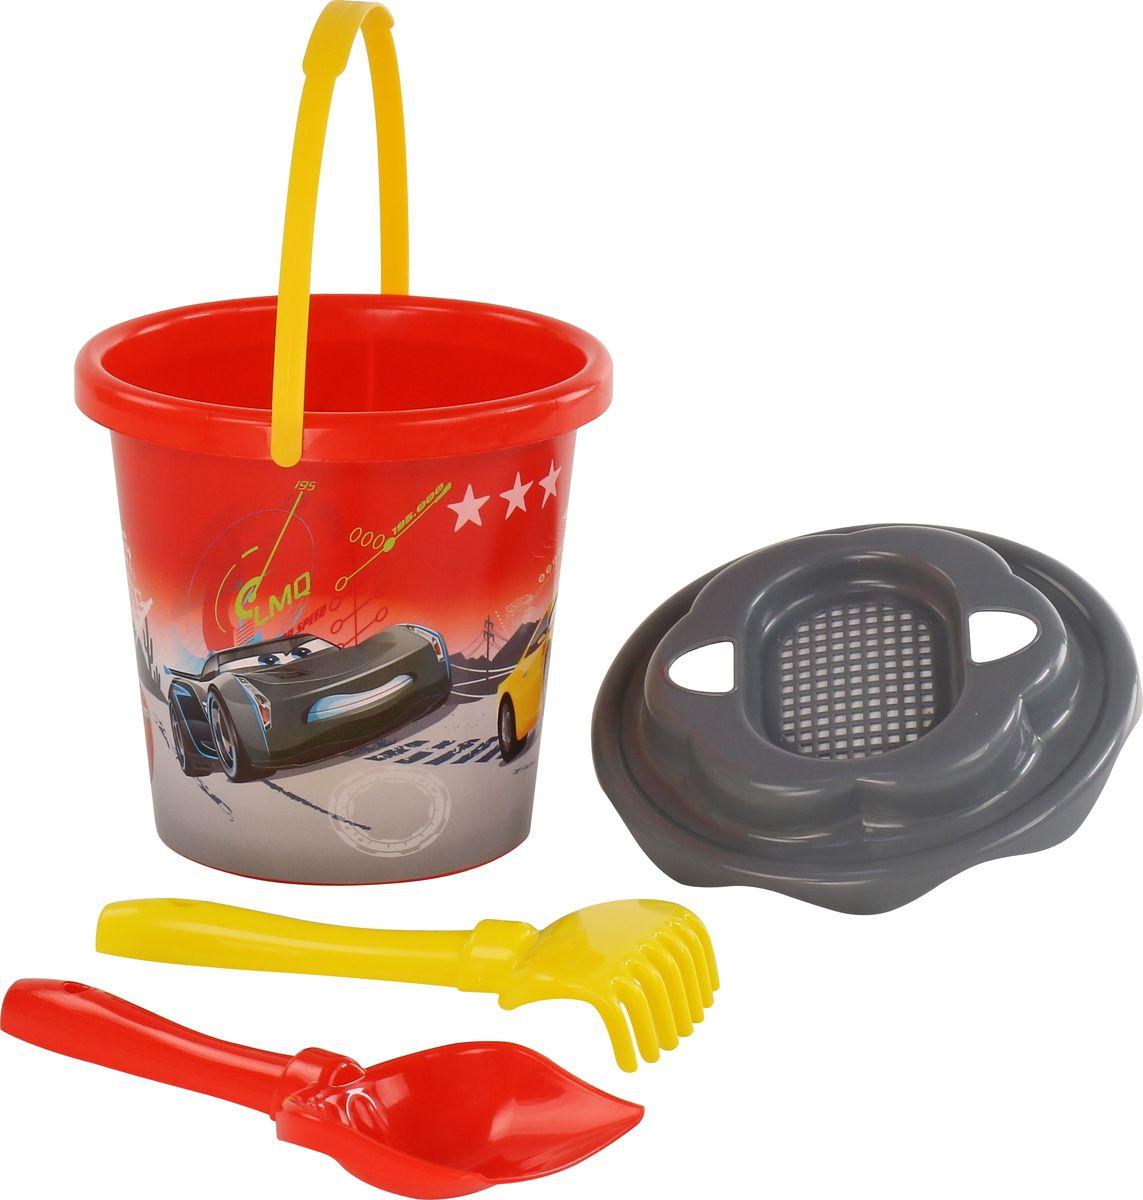 Disney / Pixar Набор игрушек для песочницы Тачки №19 disney pixar набор игрушек для песочницы тачки 18